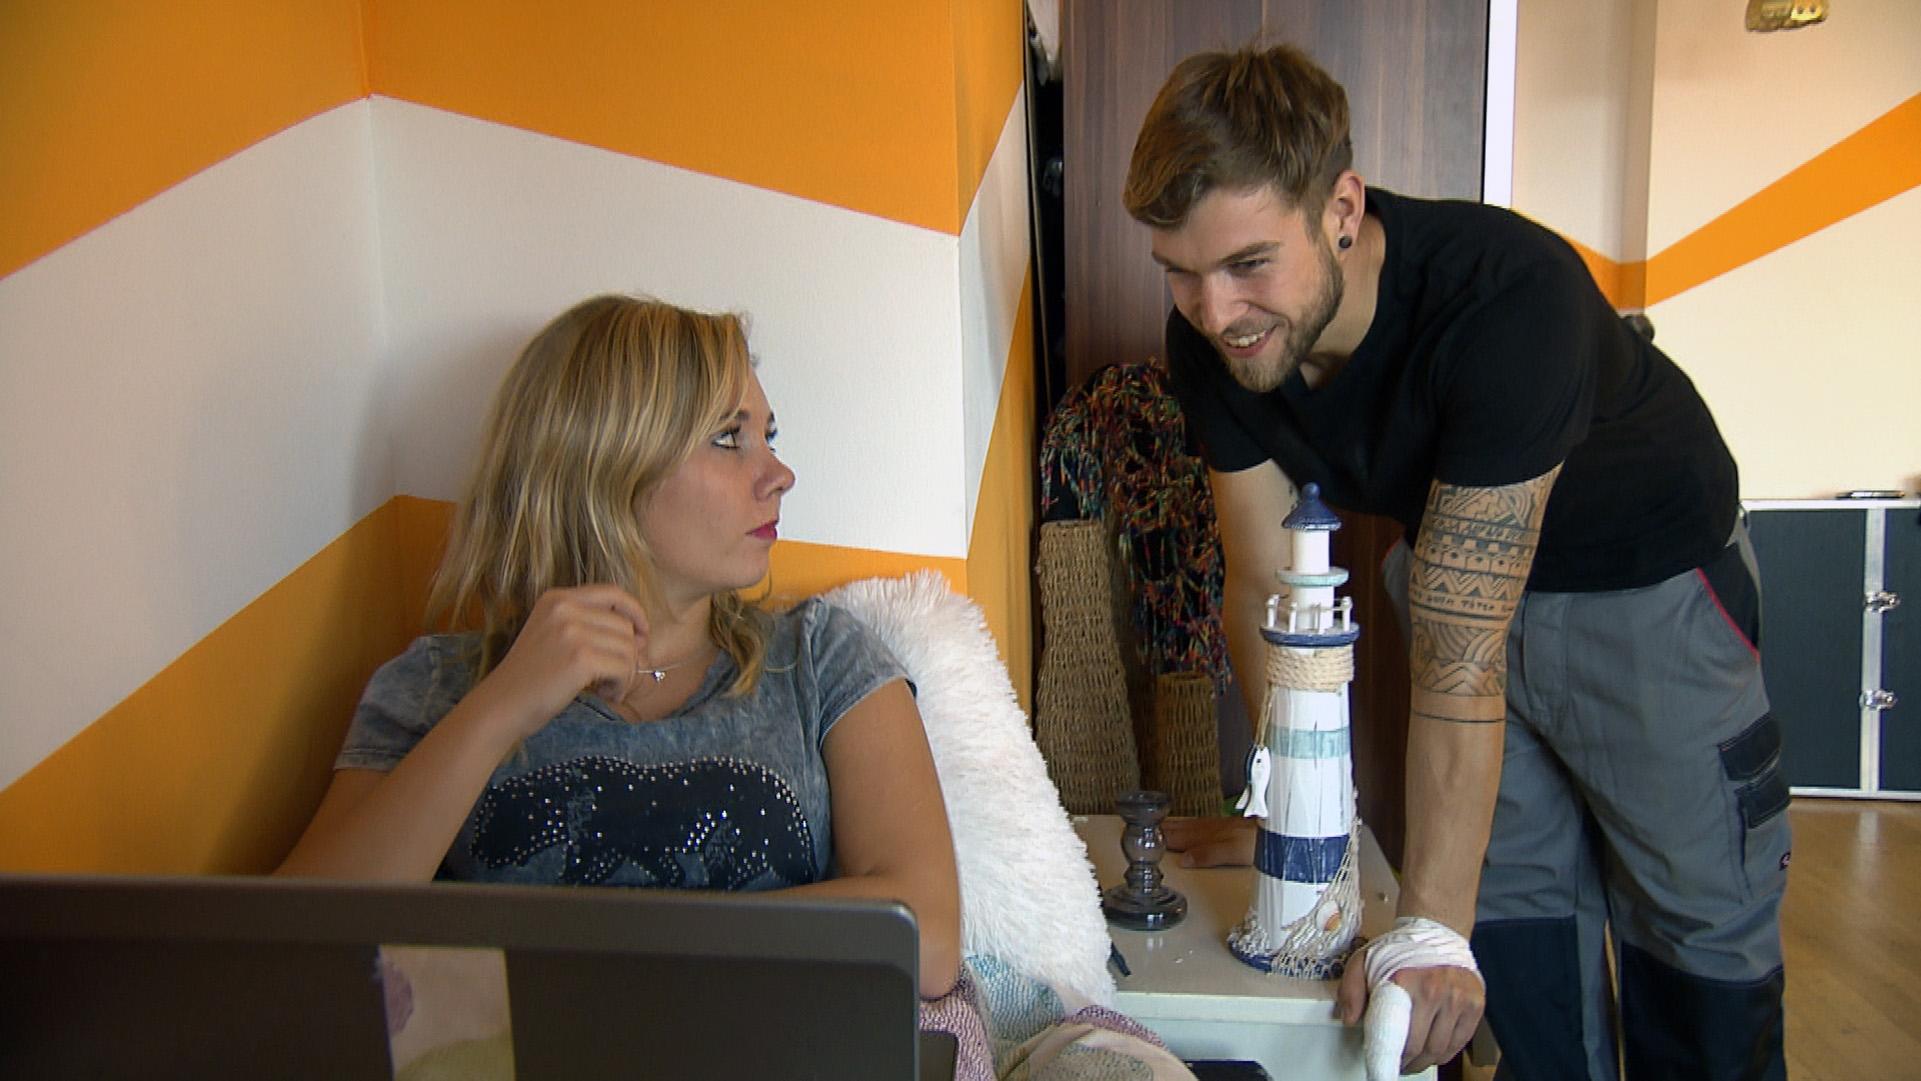 Als Chantal sich das Hochzeitsvideo anschaut, wird sie dabei von Chris überrascht, der erkennt, dass sie doch Gefühle für Kevin hat. (Quelle: RTL 2)